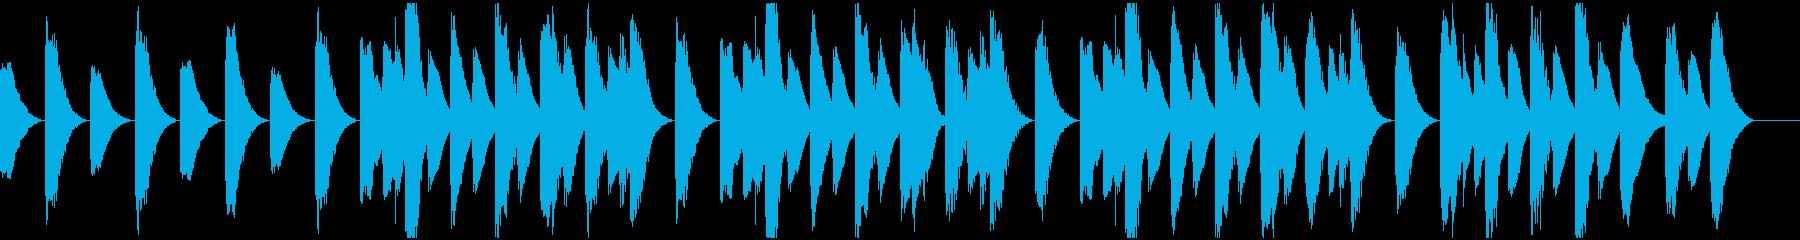 ほのぼの陽気なラグタイムピアノ の再生済みの波形